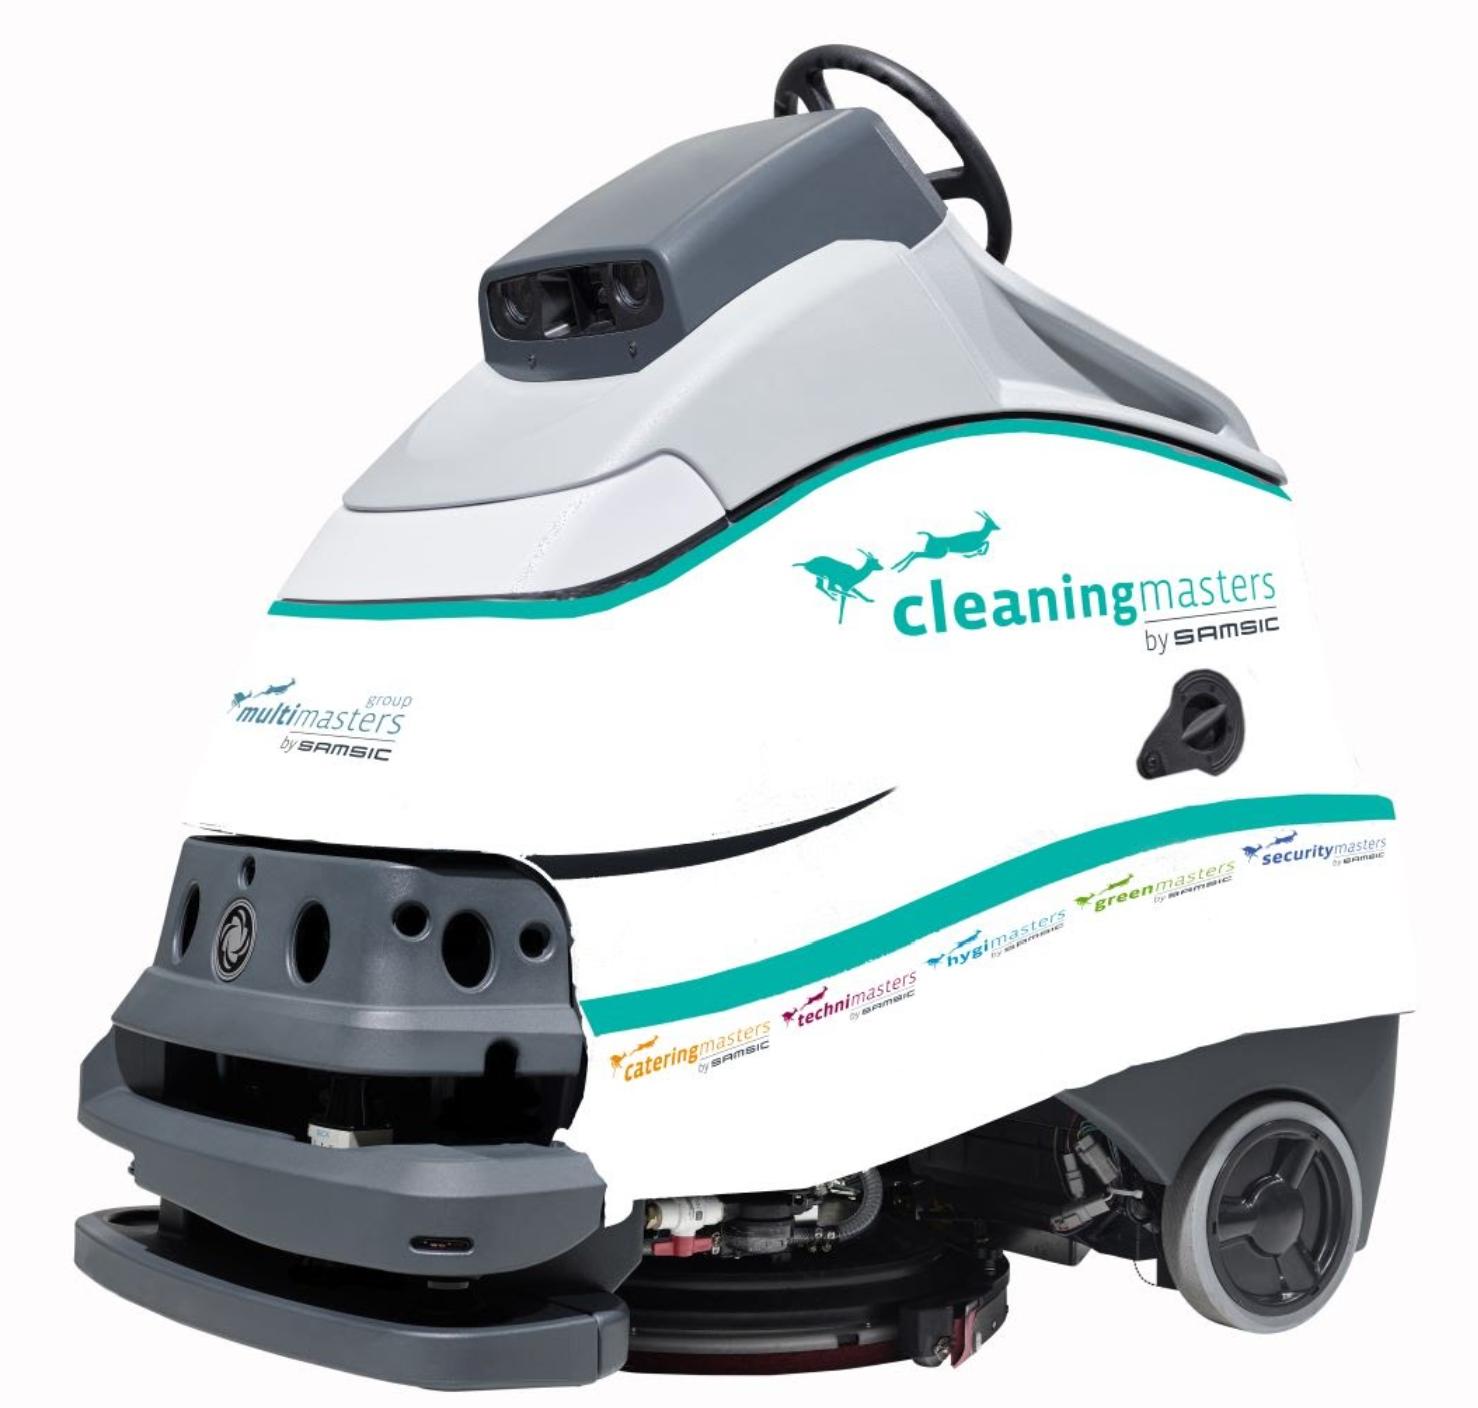 De Cleaning robot van Cleaning Masters is een innovatie die garant staat voor volautomatisch schoonmaken.